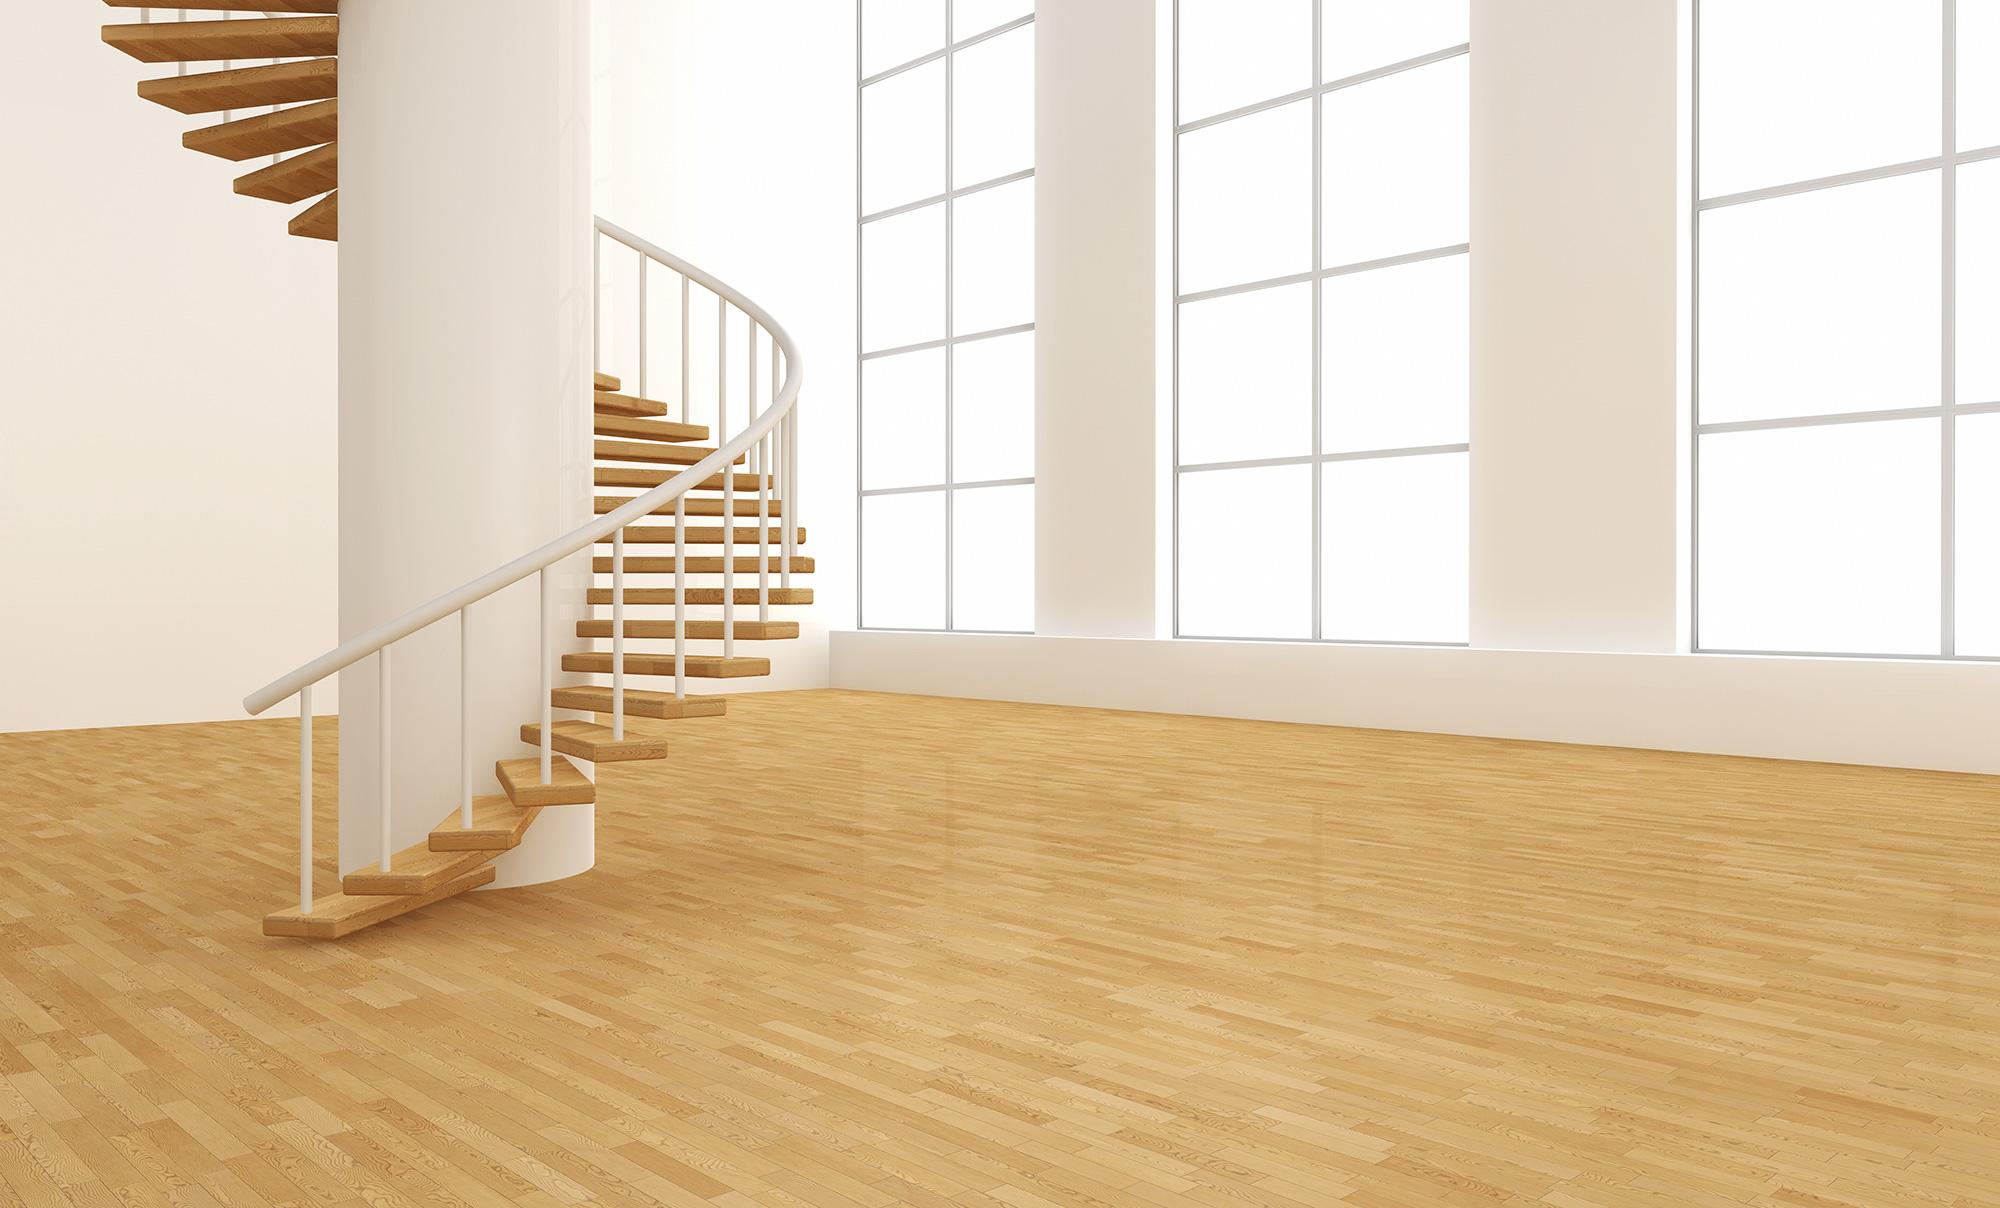 Escalier d int rieur quel style choisir plan de maison for Escalier d interieur